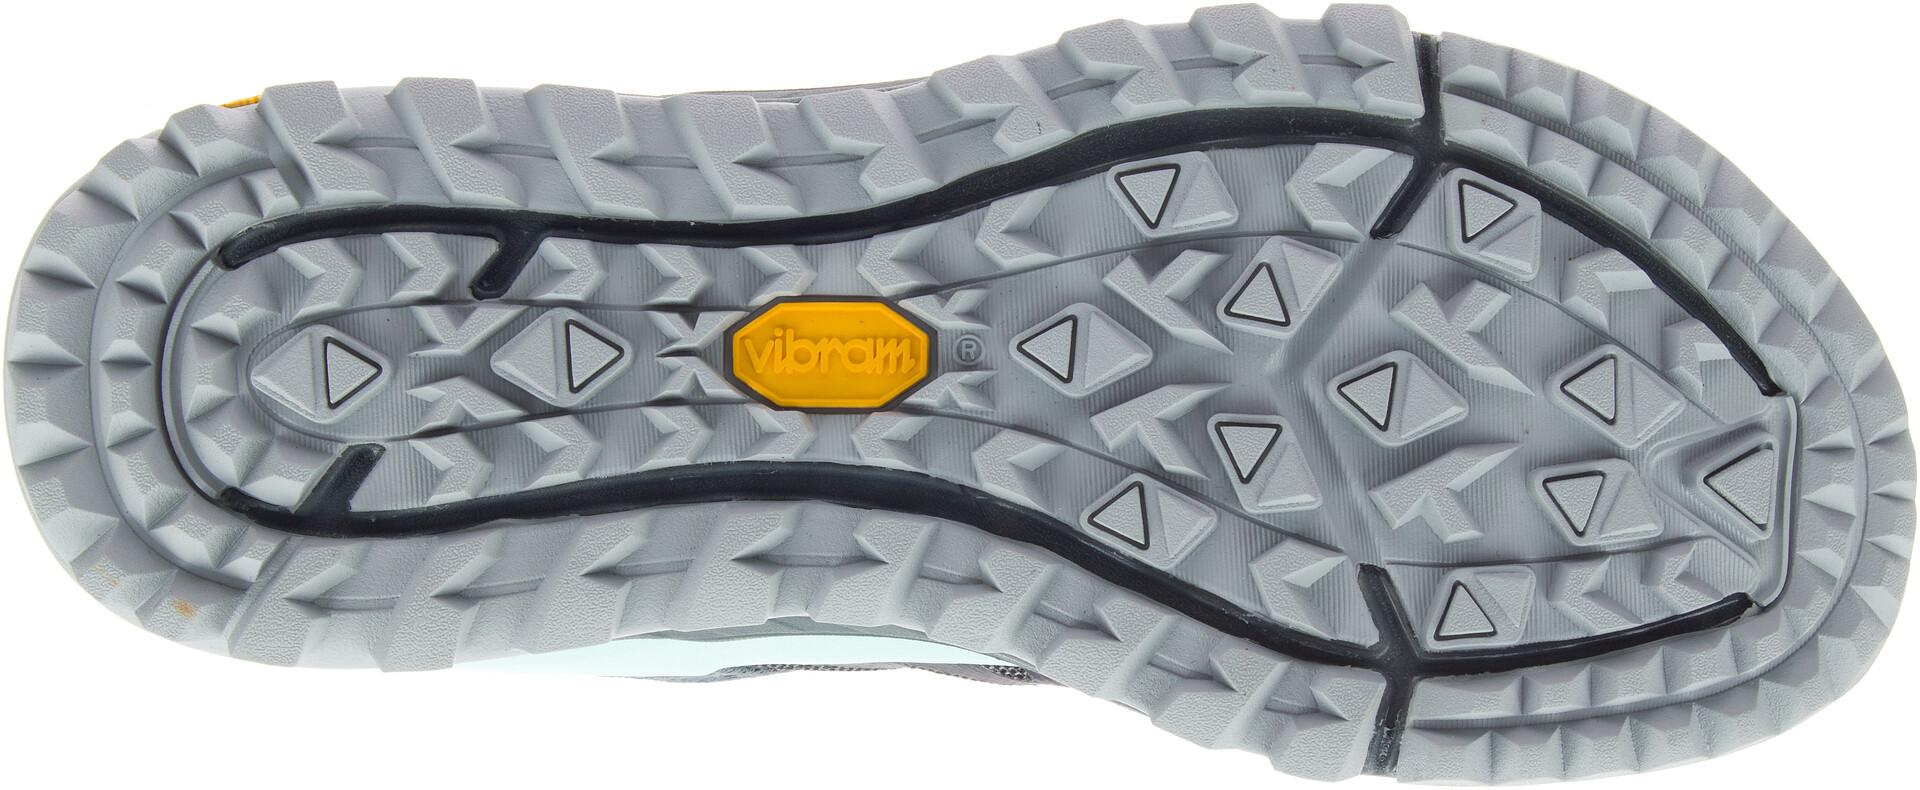 Merrell Antora GTX Chaussures Femme, turbulence Boutique